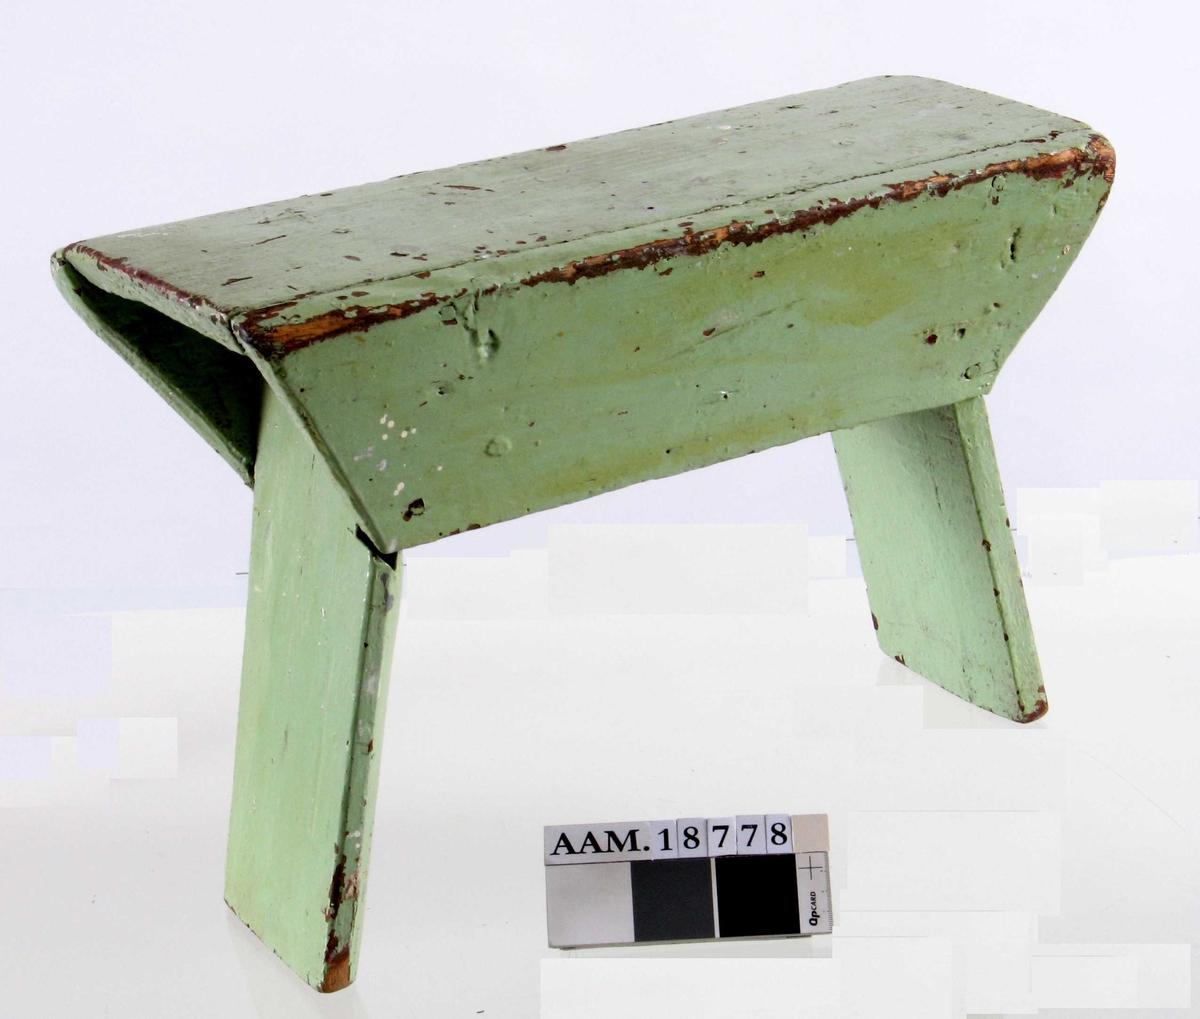 Krakk,  fra siste halvdel 1800-årene.    Furu,   malt lys grønn. Under er den malt rødbrun.   Smal, ustø krakk,   laget av grove bord.  To skråttstilte sidebord, to brede, innoverskrånede sargbord.  Tilstand: grønnmalingen avflekket til dels.